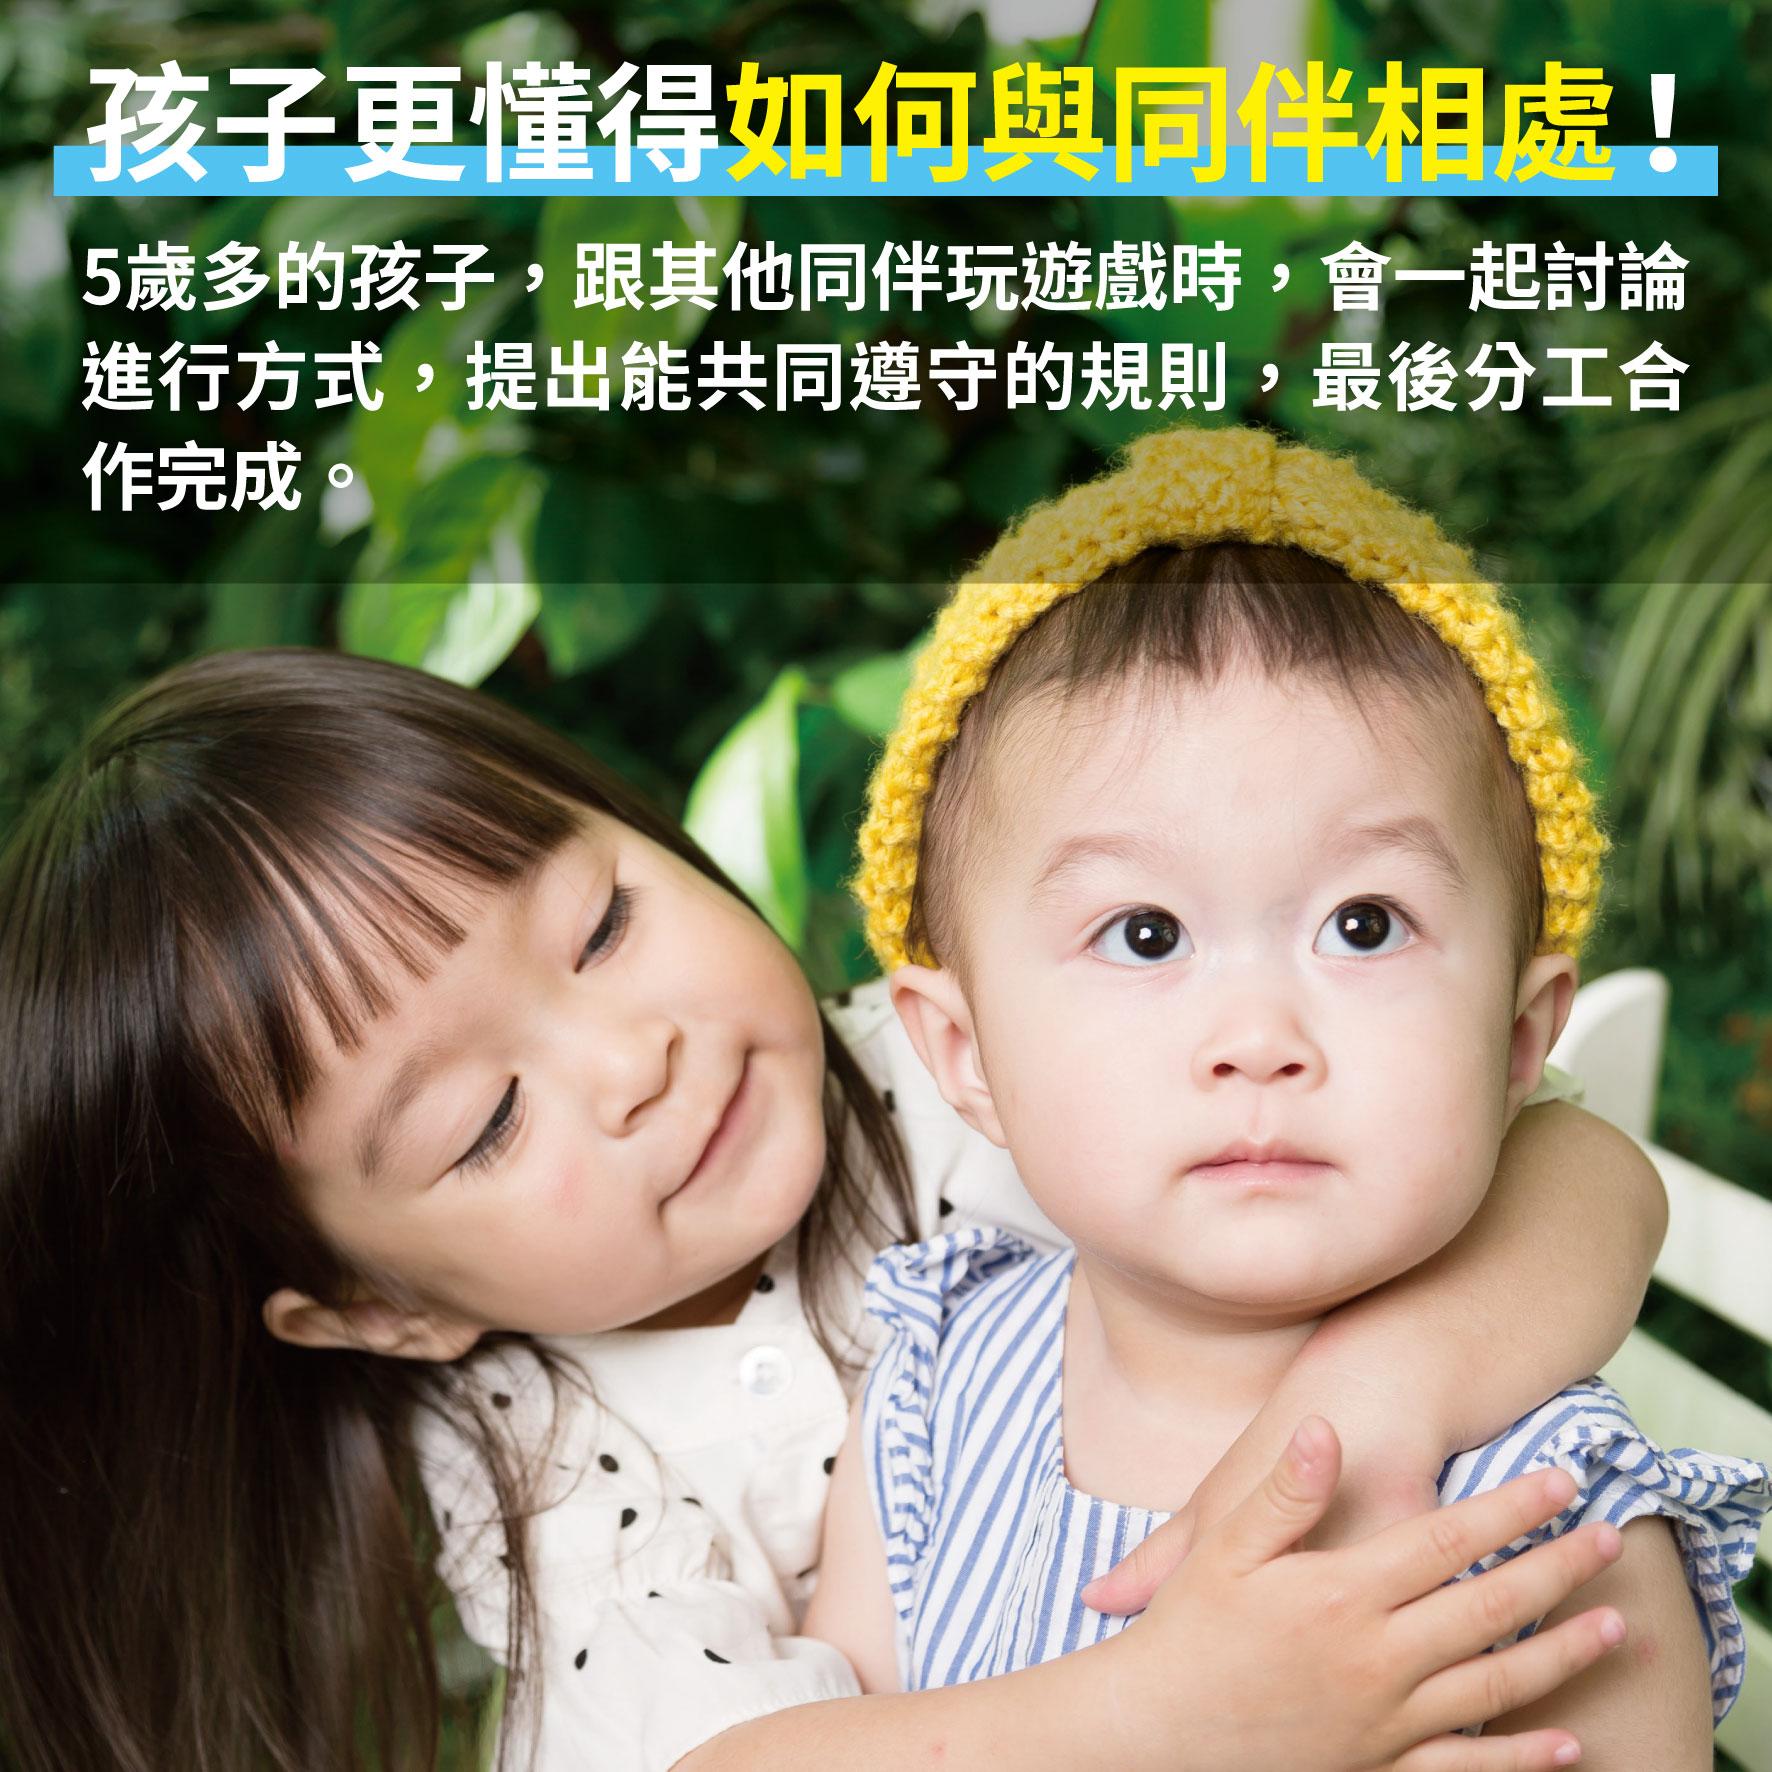 幼兒5歲(第4週)孩子更懂得如何與同伴相處